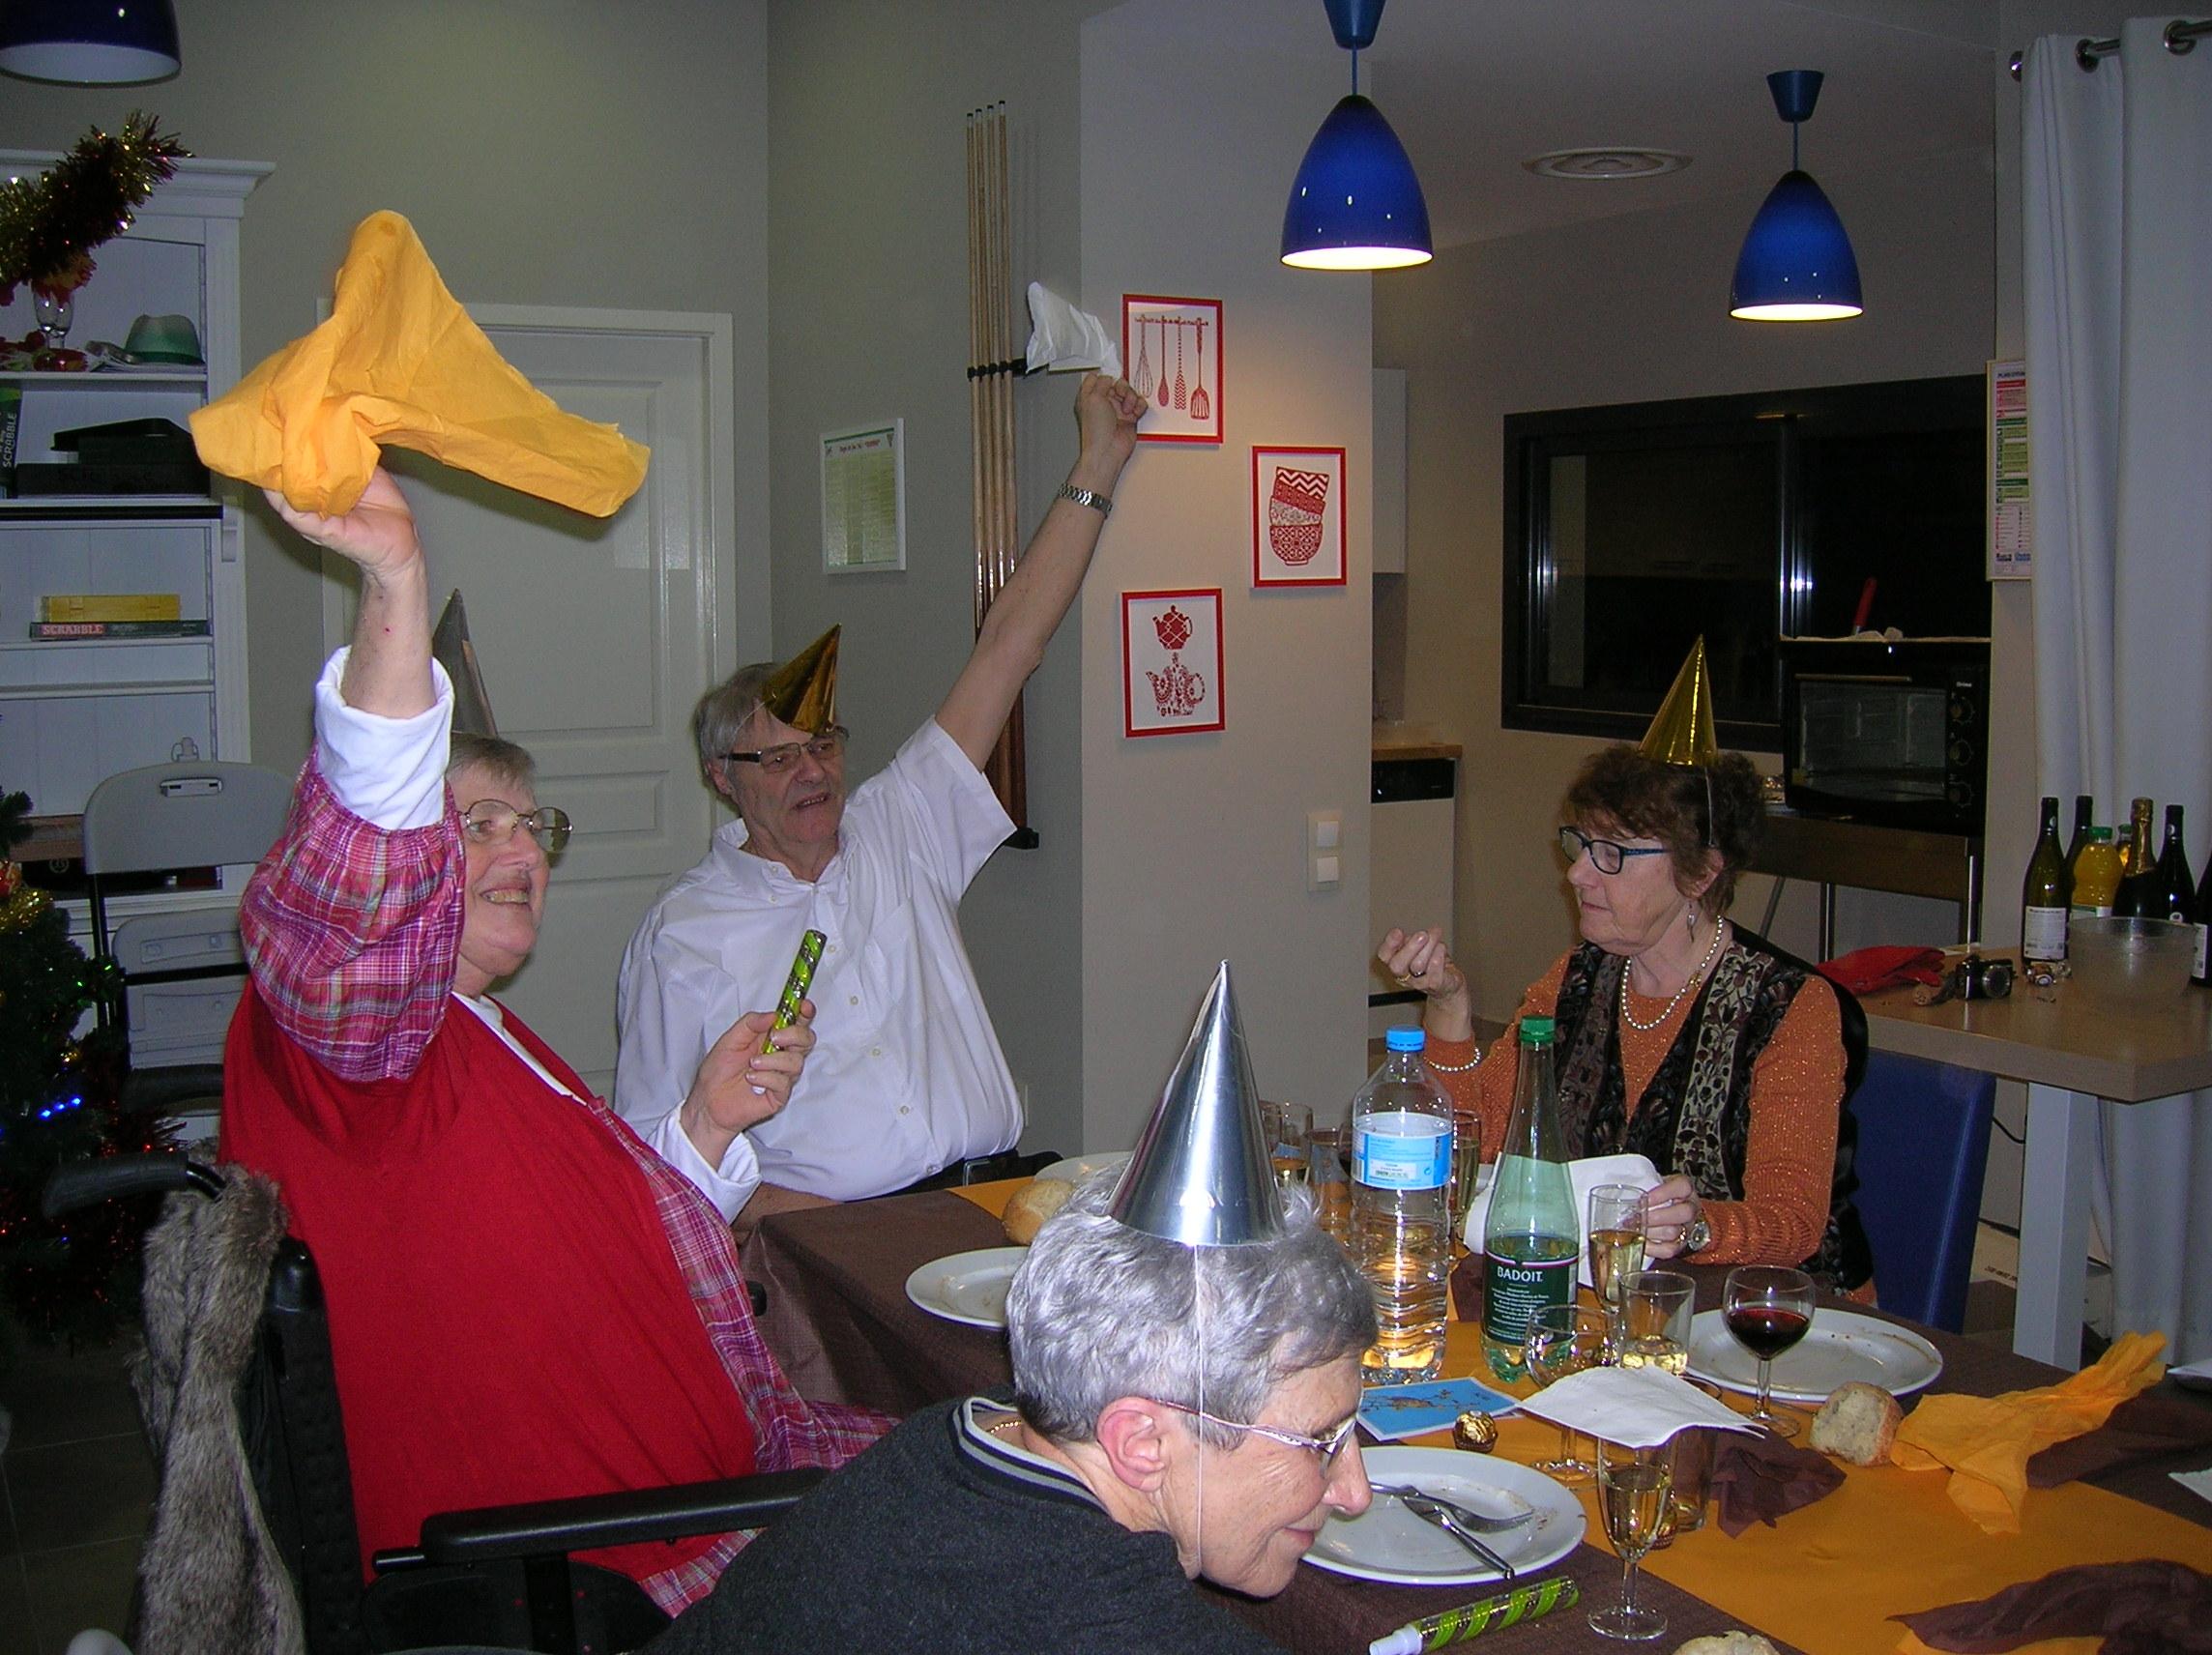 Et on fait tourner les serviettes le blog des senioriales - Faire tourner les serviettes ...